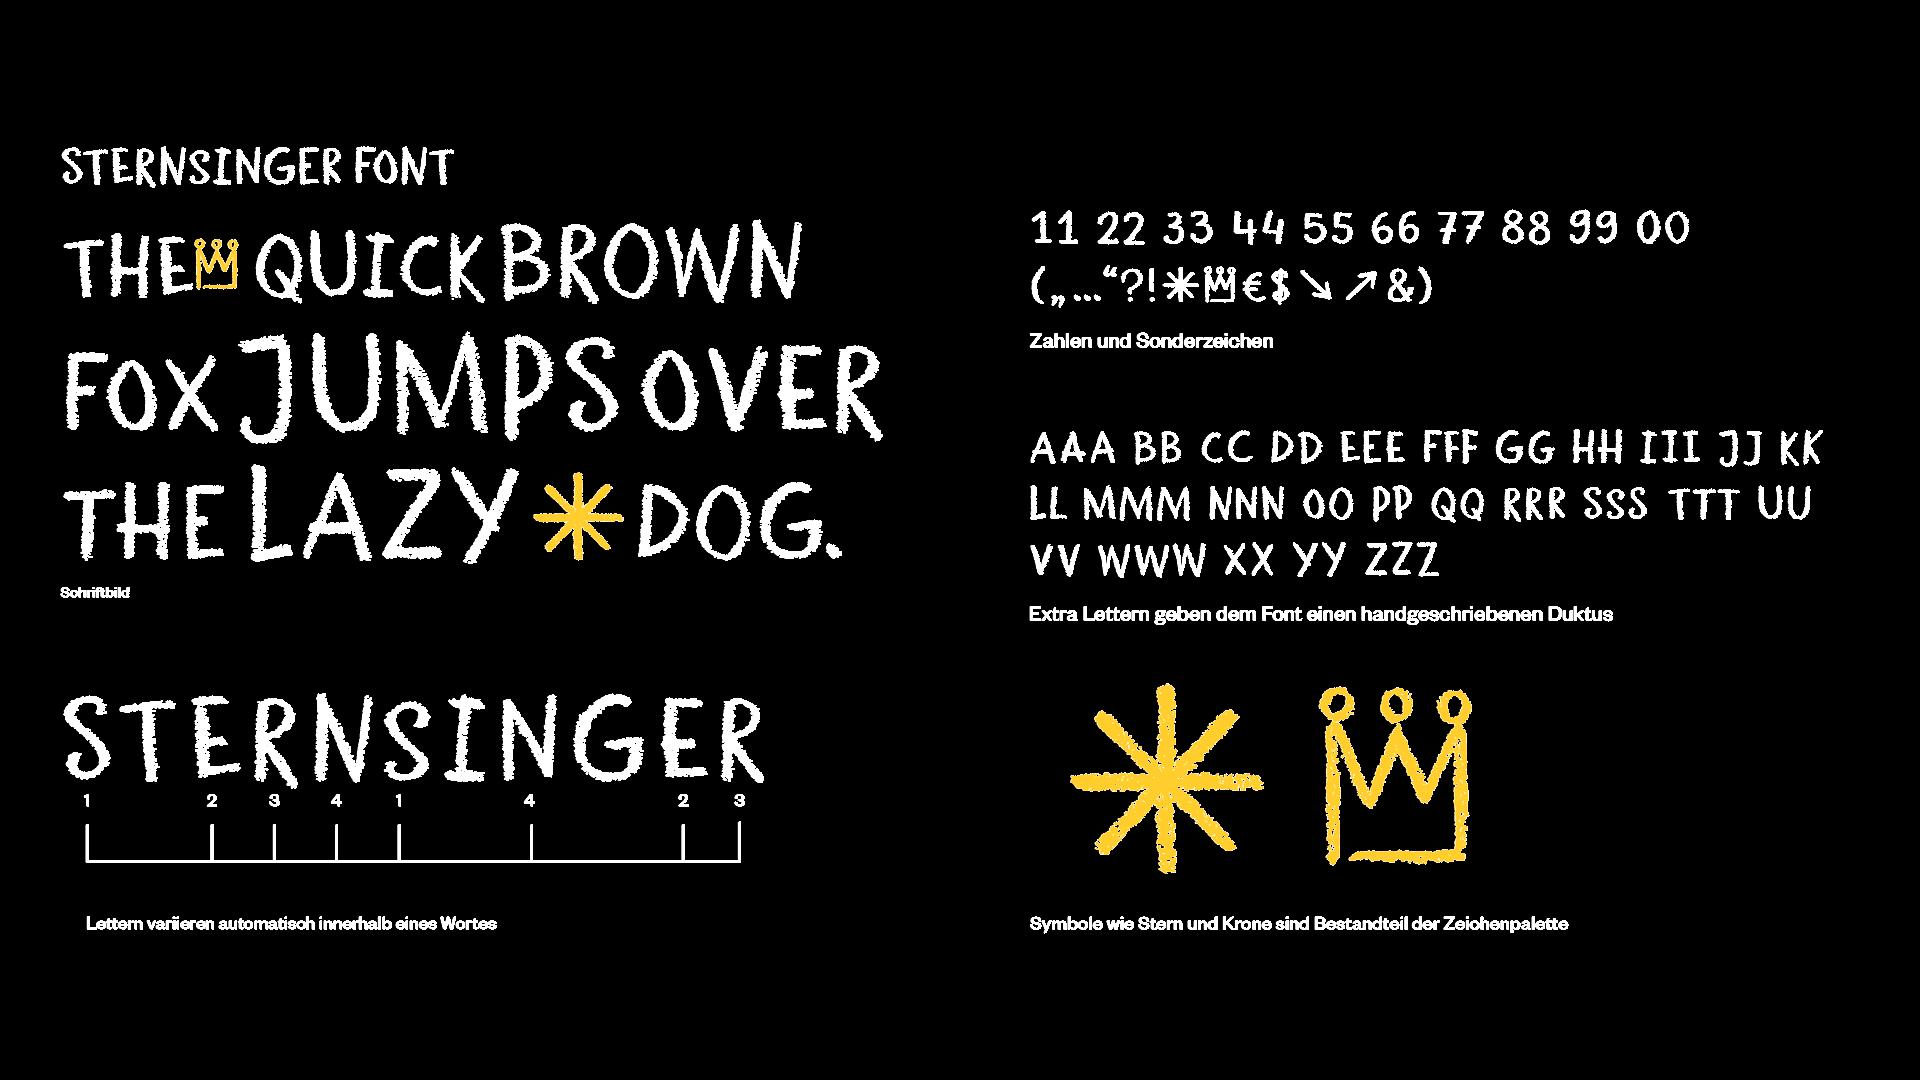 Schriftmuster mit unterschiedlichen Buchstabentypen im uniquen Sternsinger Font, der an die Kreideschrift angelehnt ist